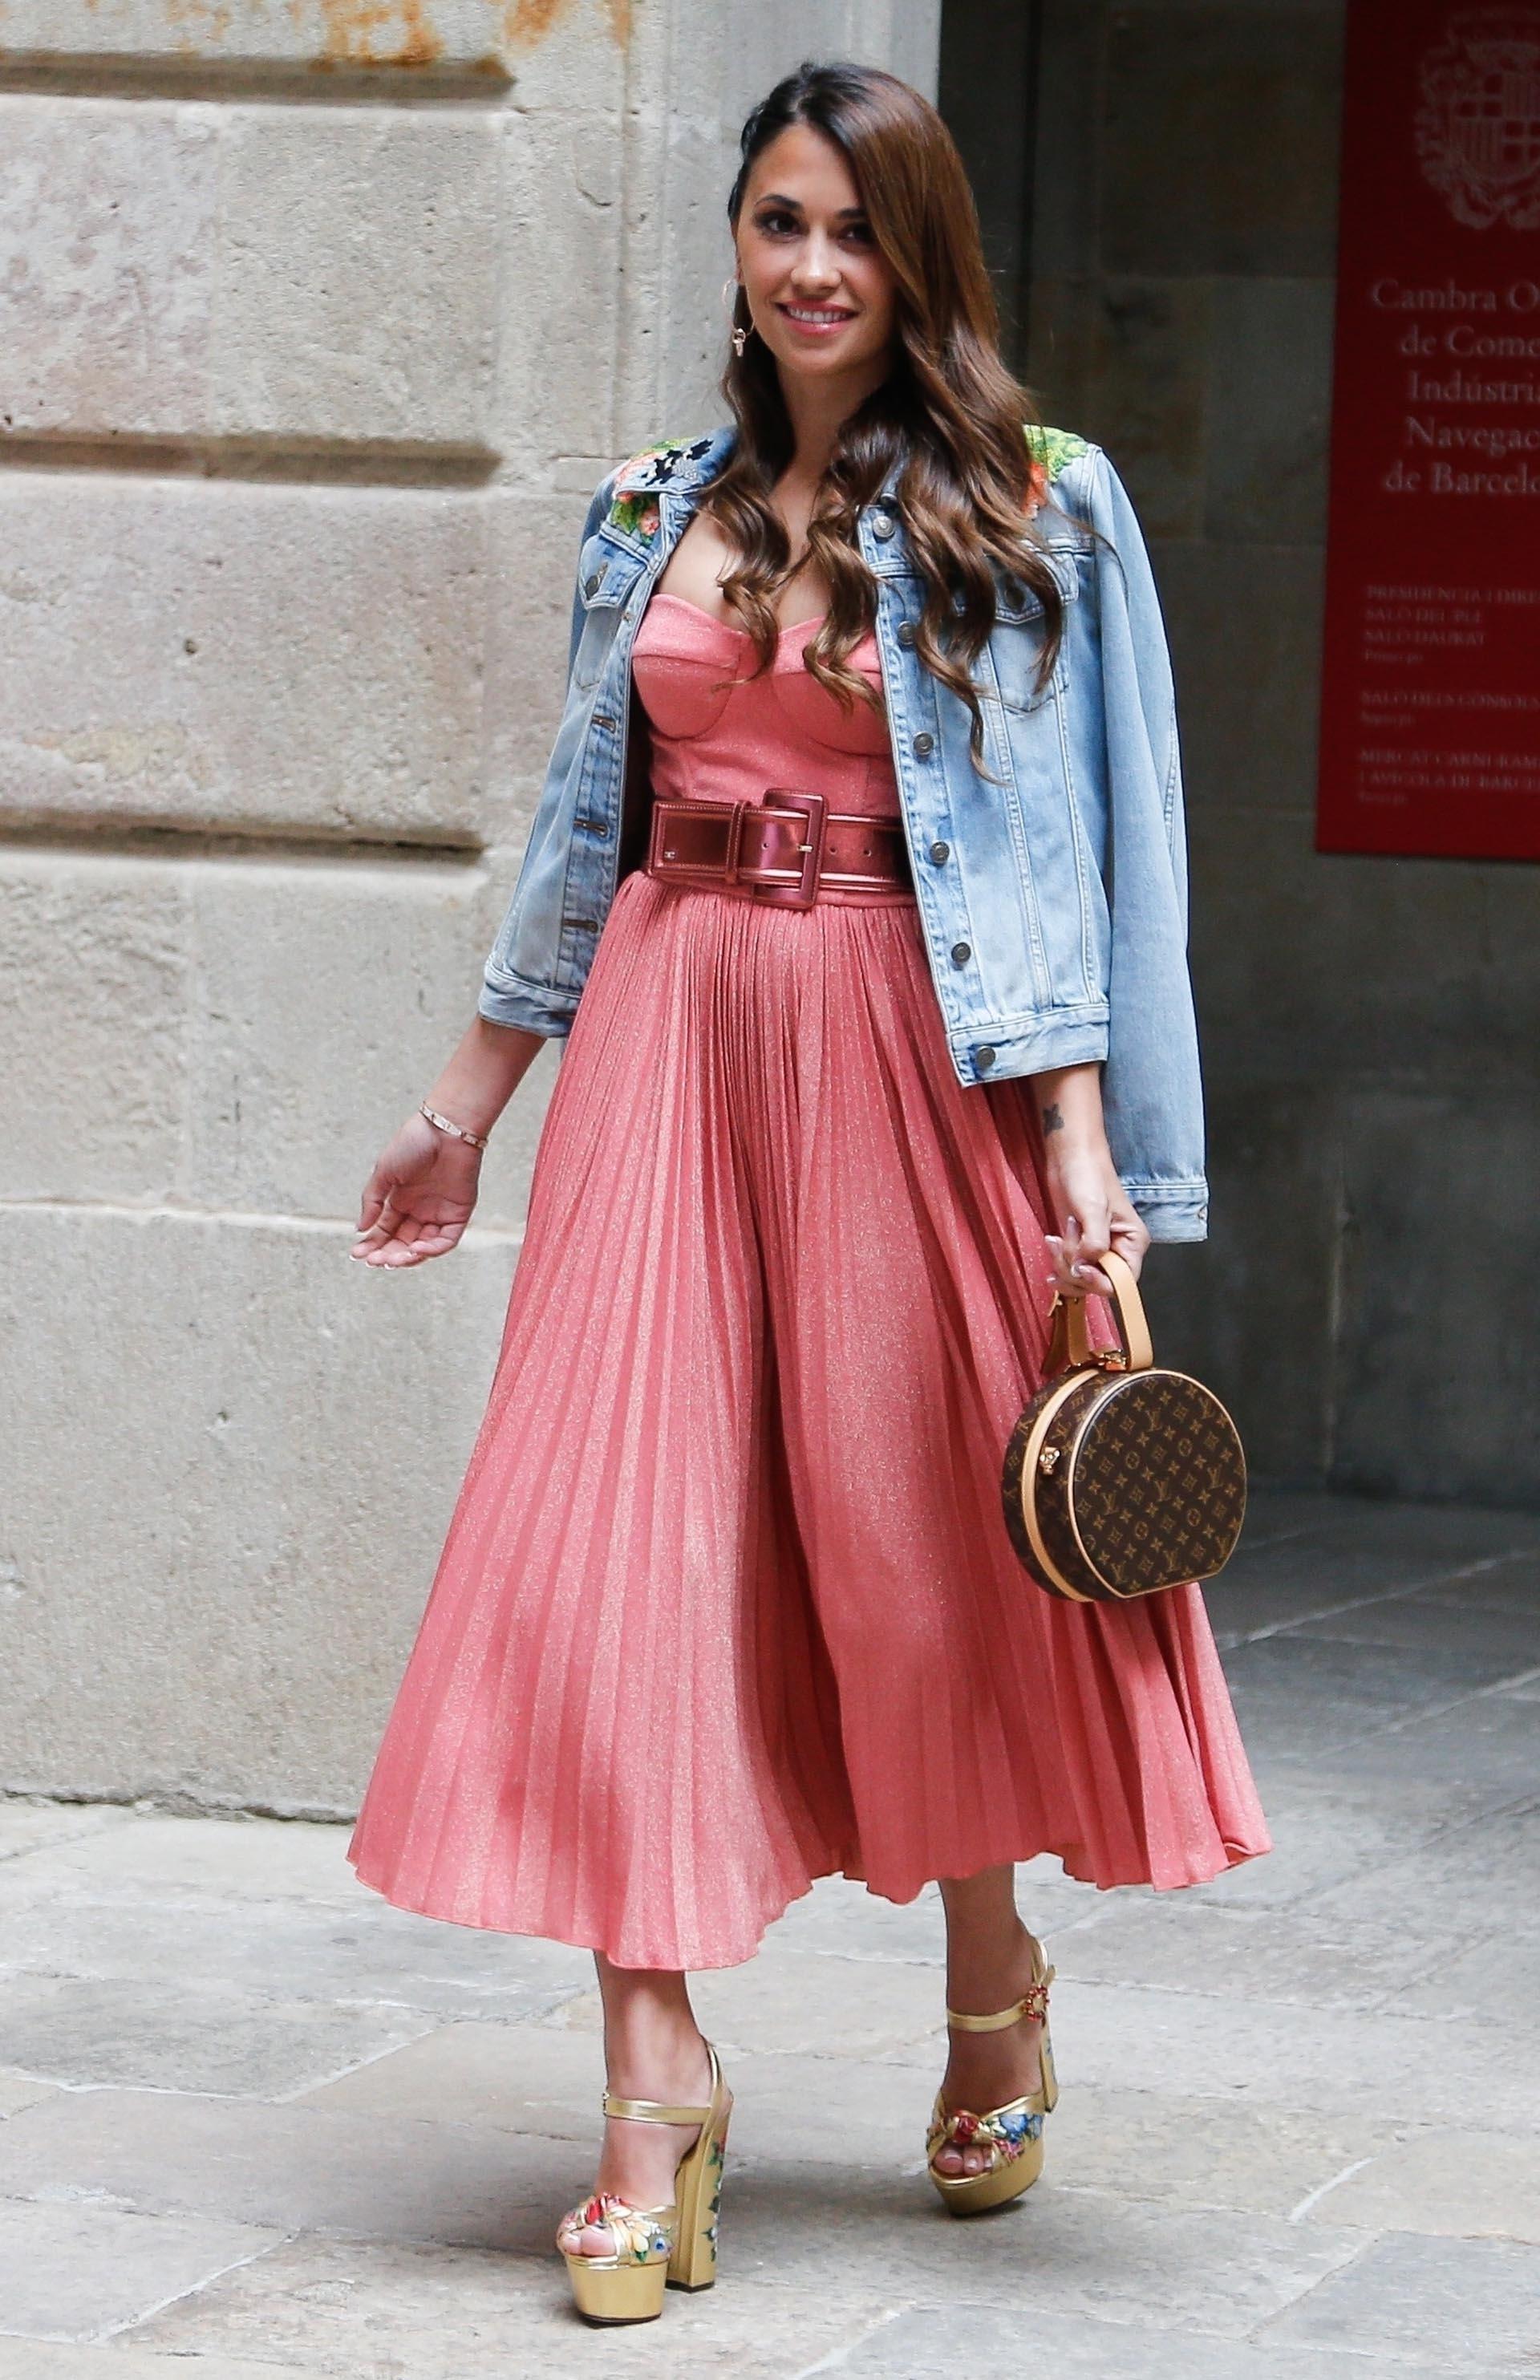 La esposa de Lionel Messi apostó por un vestido strapless plisado con cinturón metalizado, con campera de jean, una mini bag de Louis Vuitton, sandalias doradas pintadas a mano y completó el look con delicadas joyas doradas